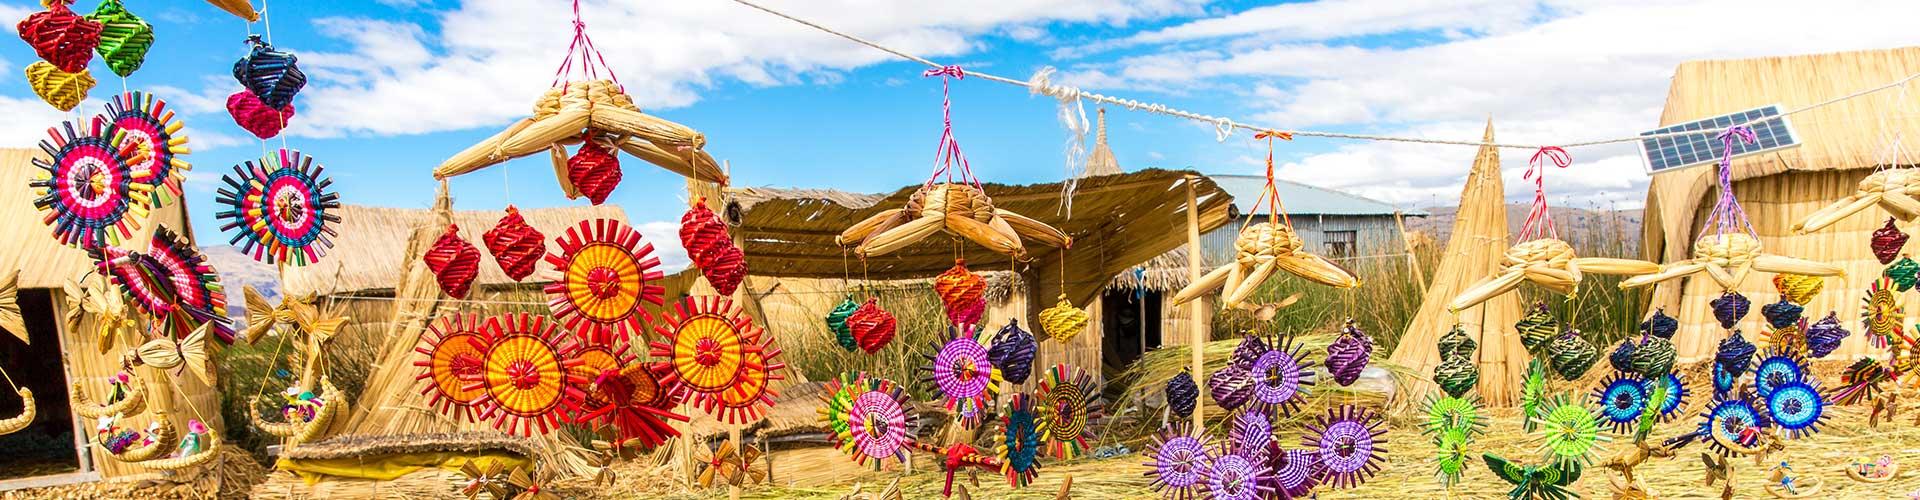 Los 10 mejores lugares turísticos de Perú para visitar este 2018